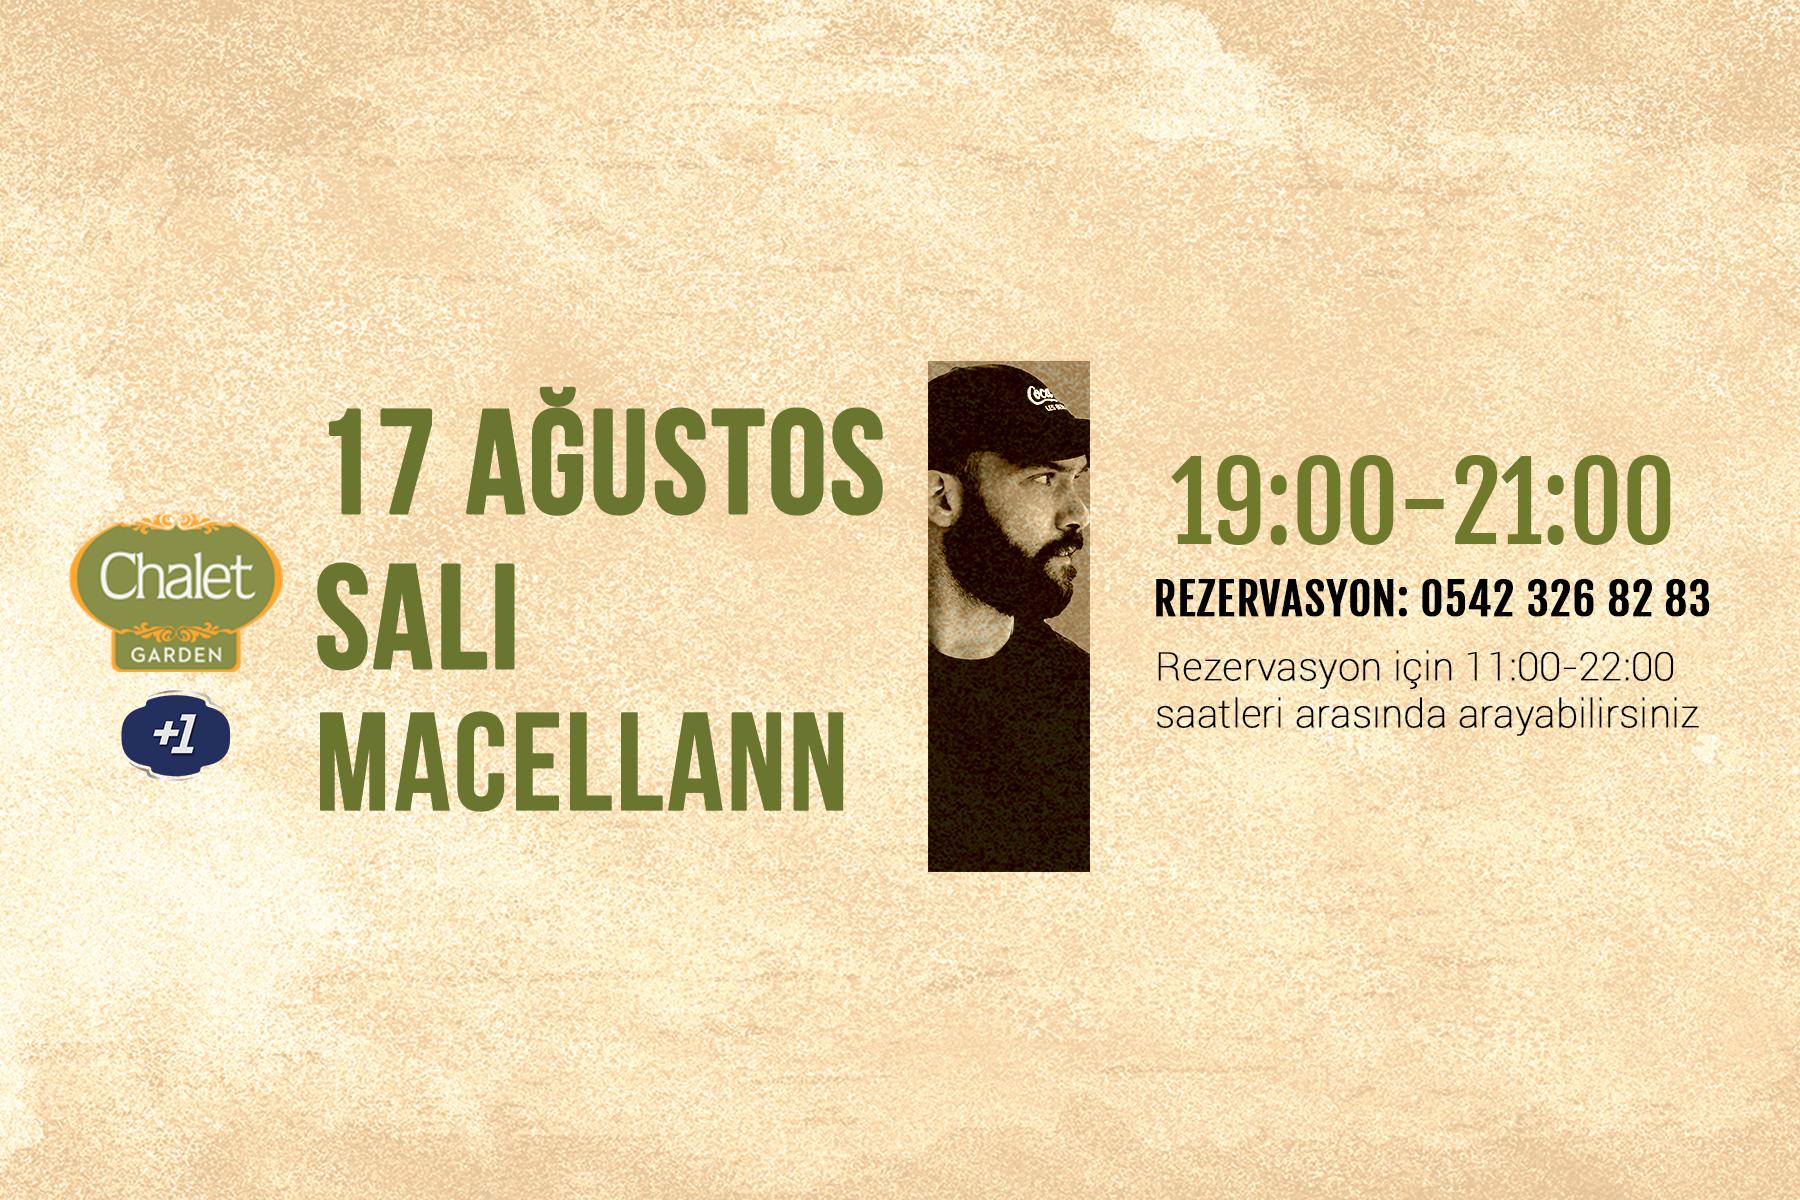 macellann-site_banner-2-2-2